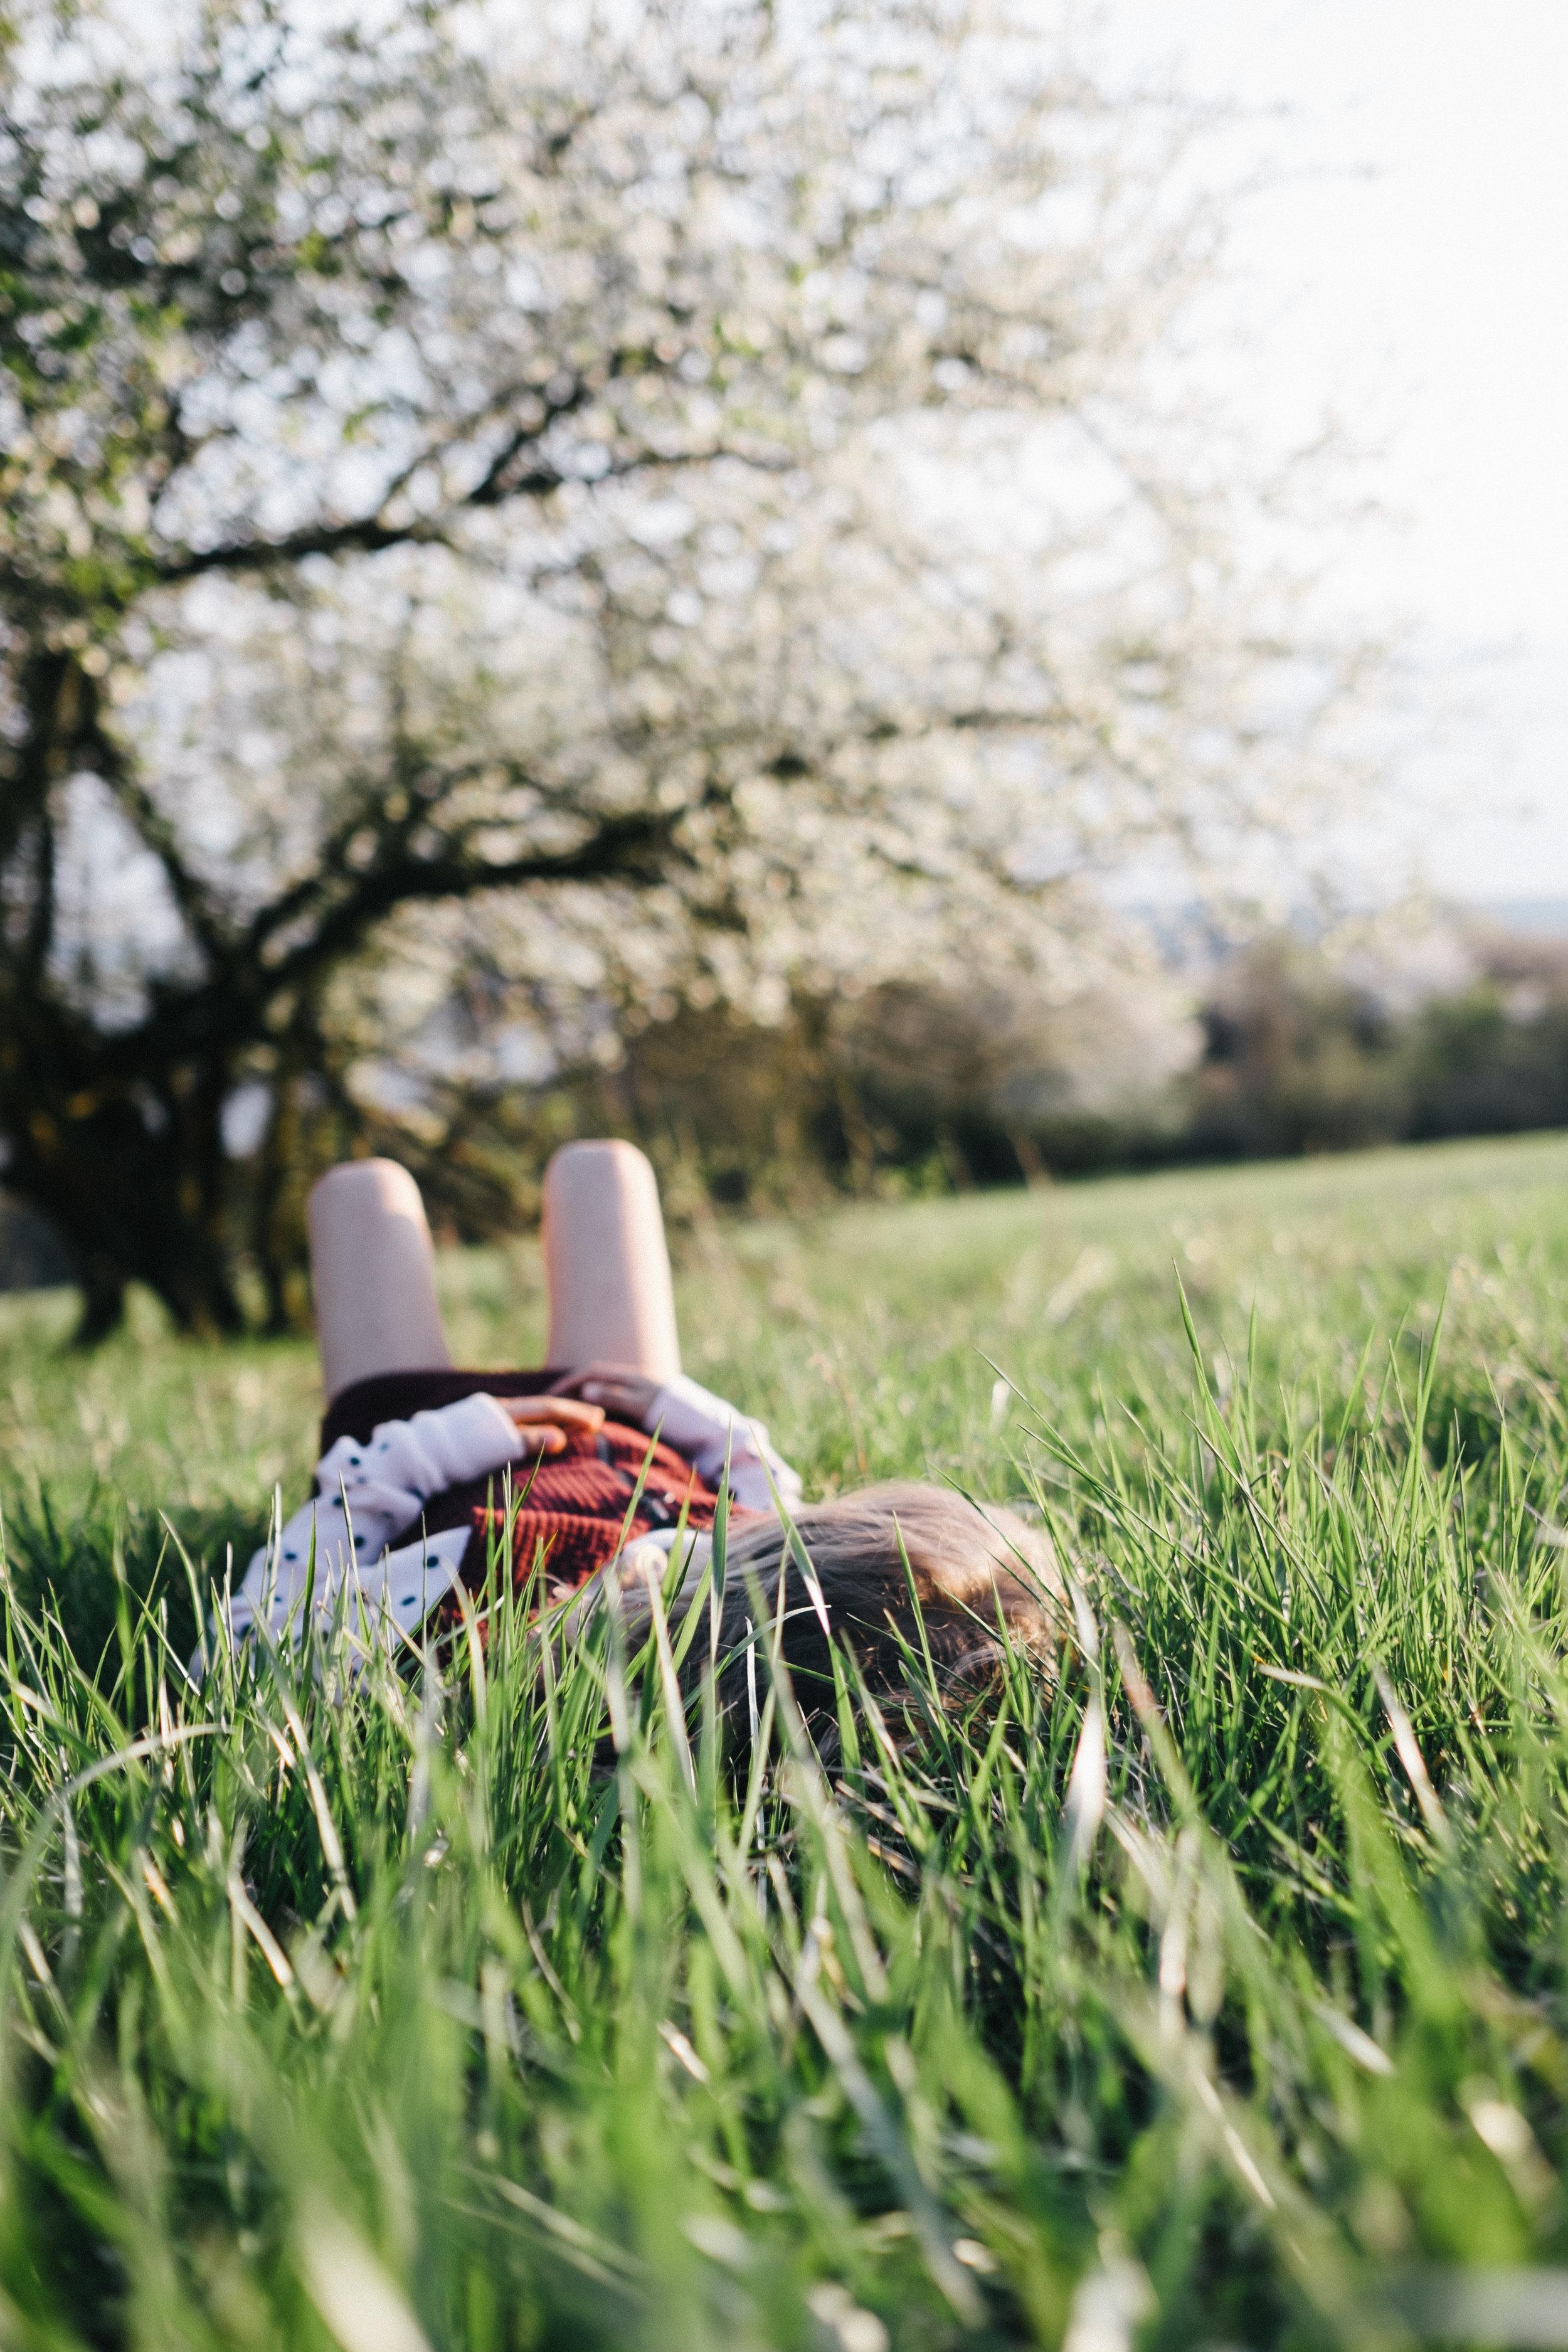 Streuobstwiese - Viola Mueller-Gerbes Photography-3.jpg